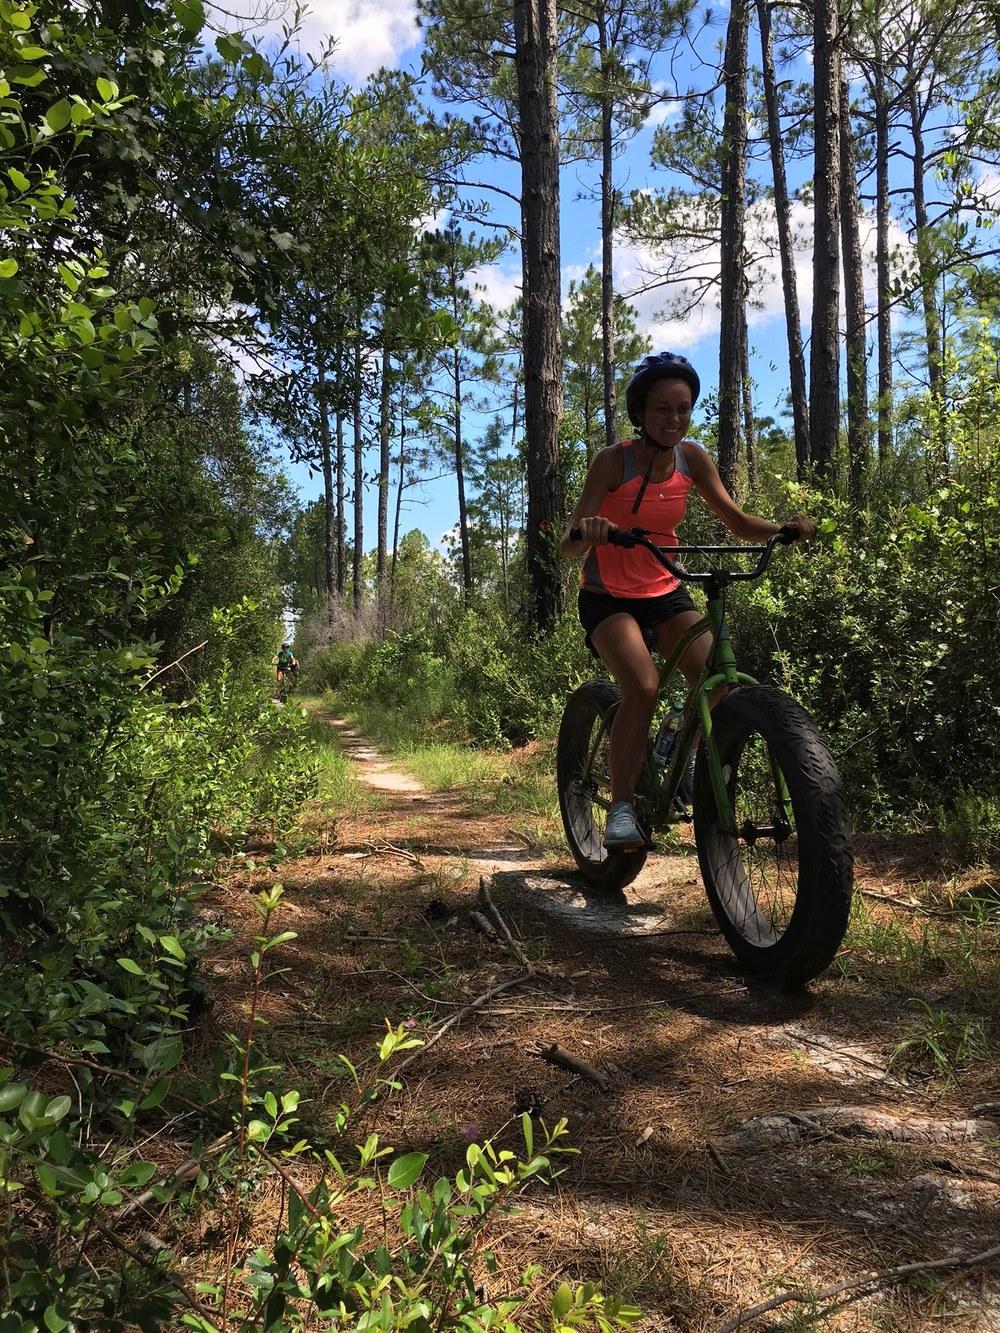 SaltAir30a Fat Bike Tour